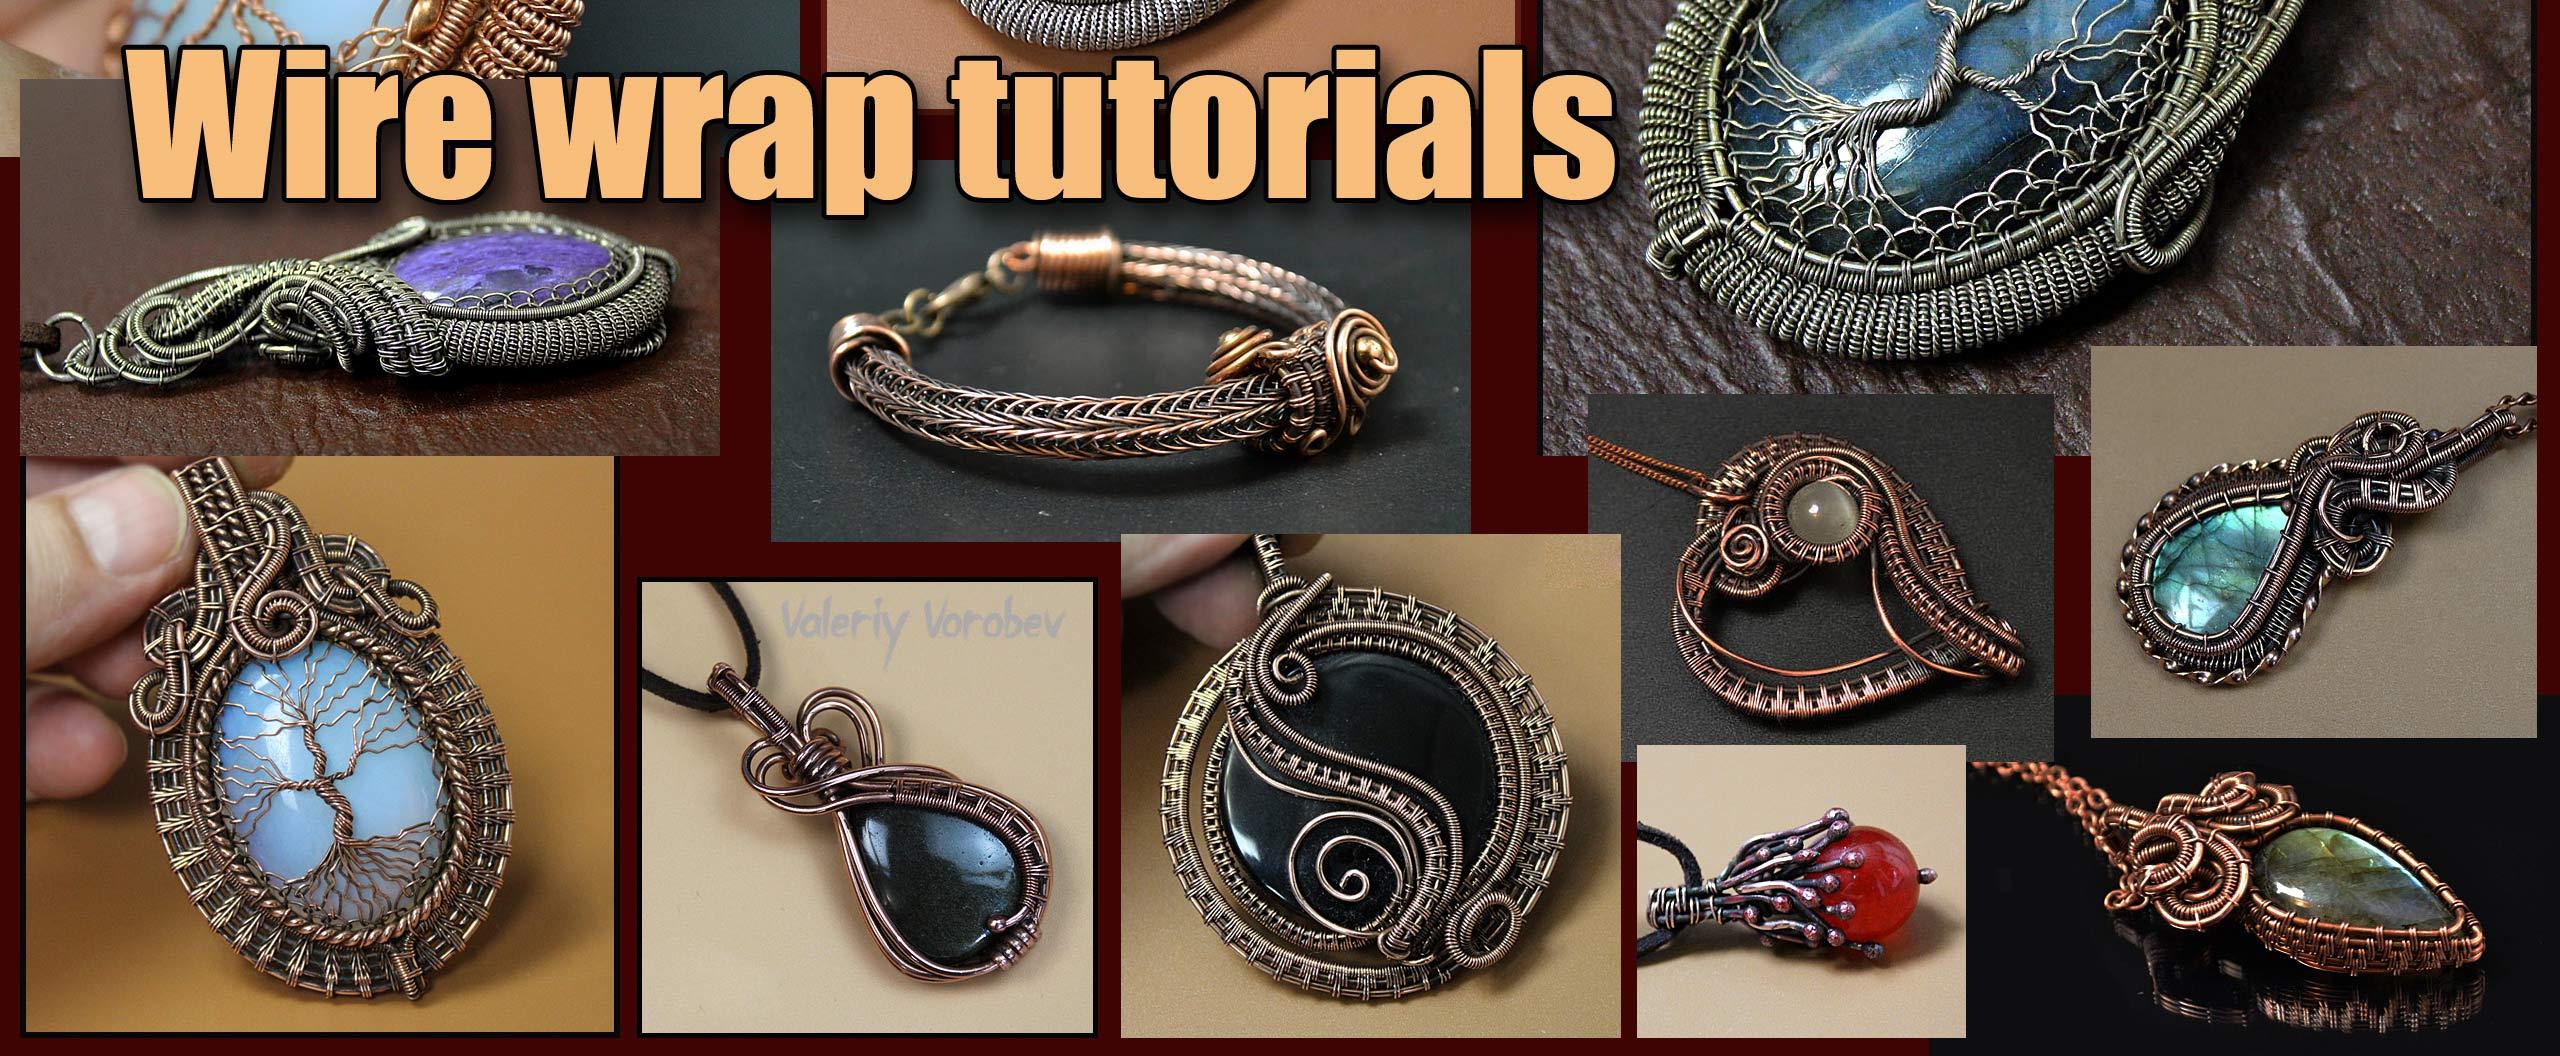 Wire wrap tutorials